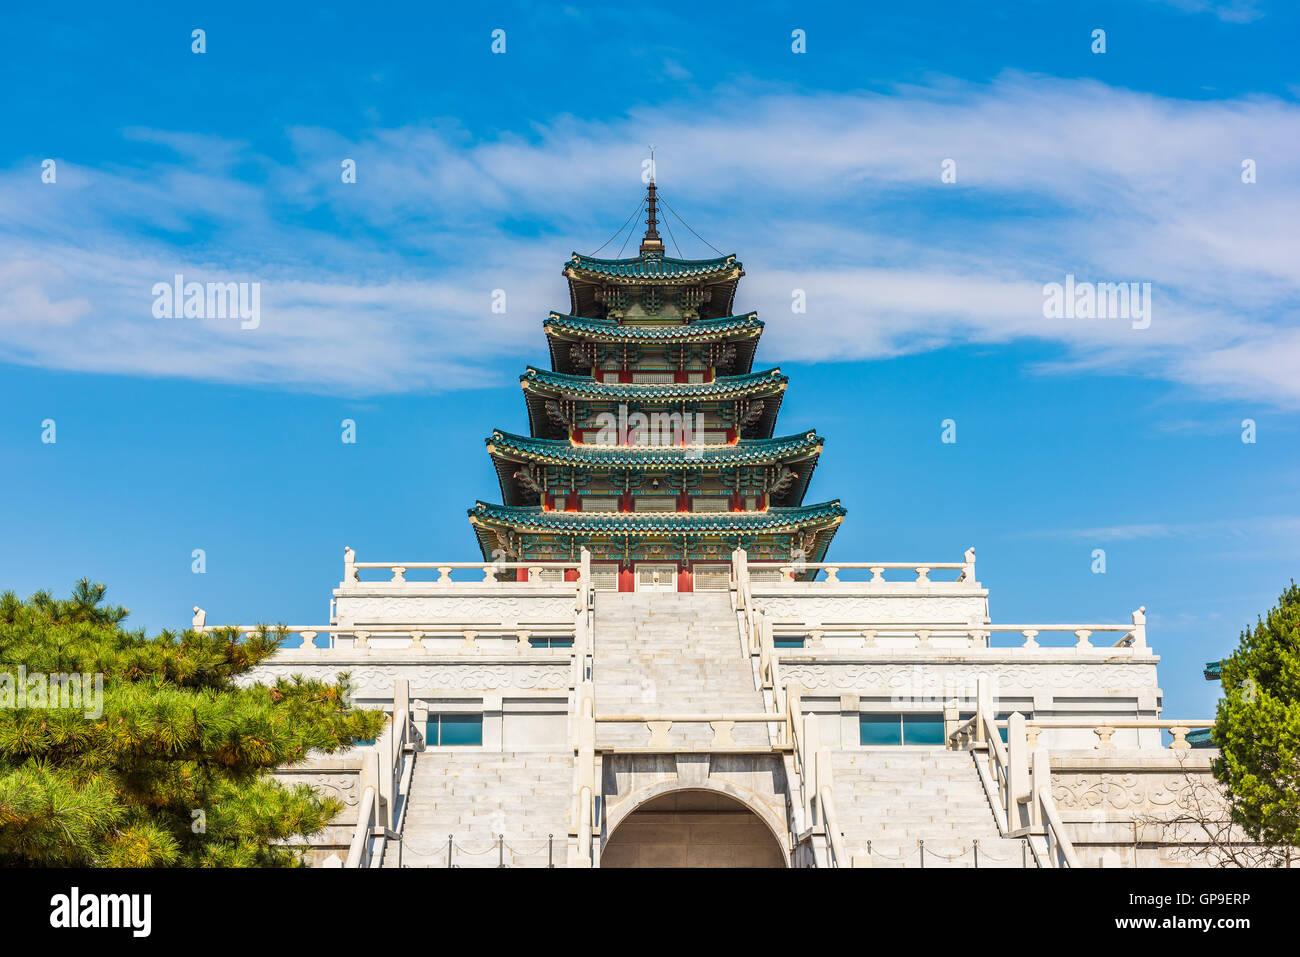 Il Palazzo Gyeongbokgung a Seoul, Corea. Immagini Stock